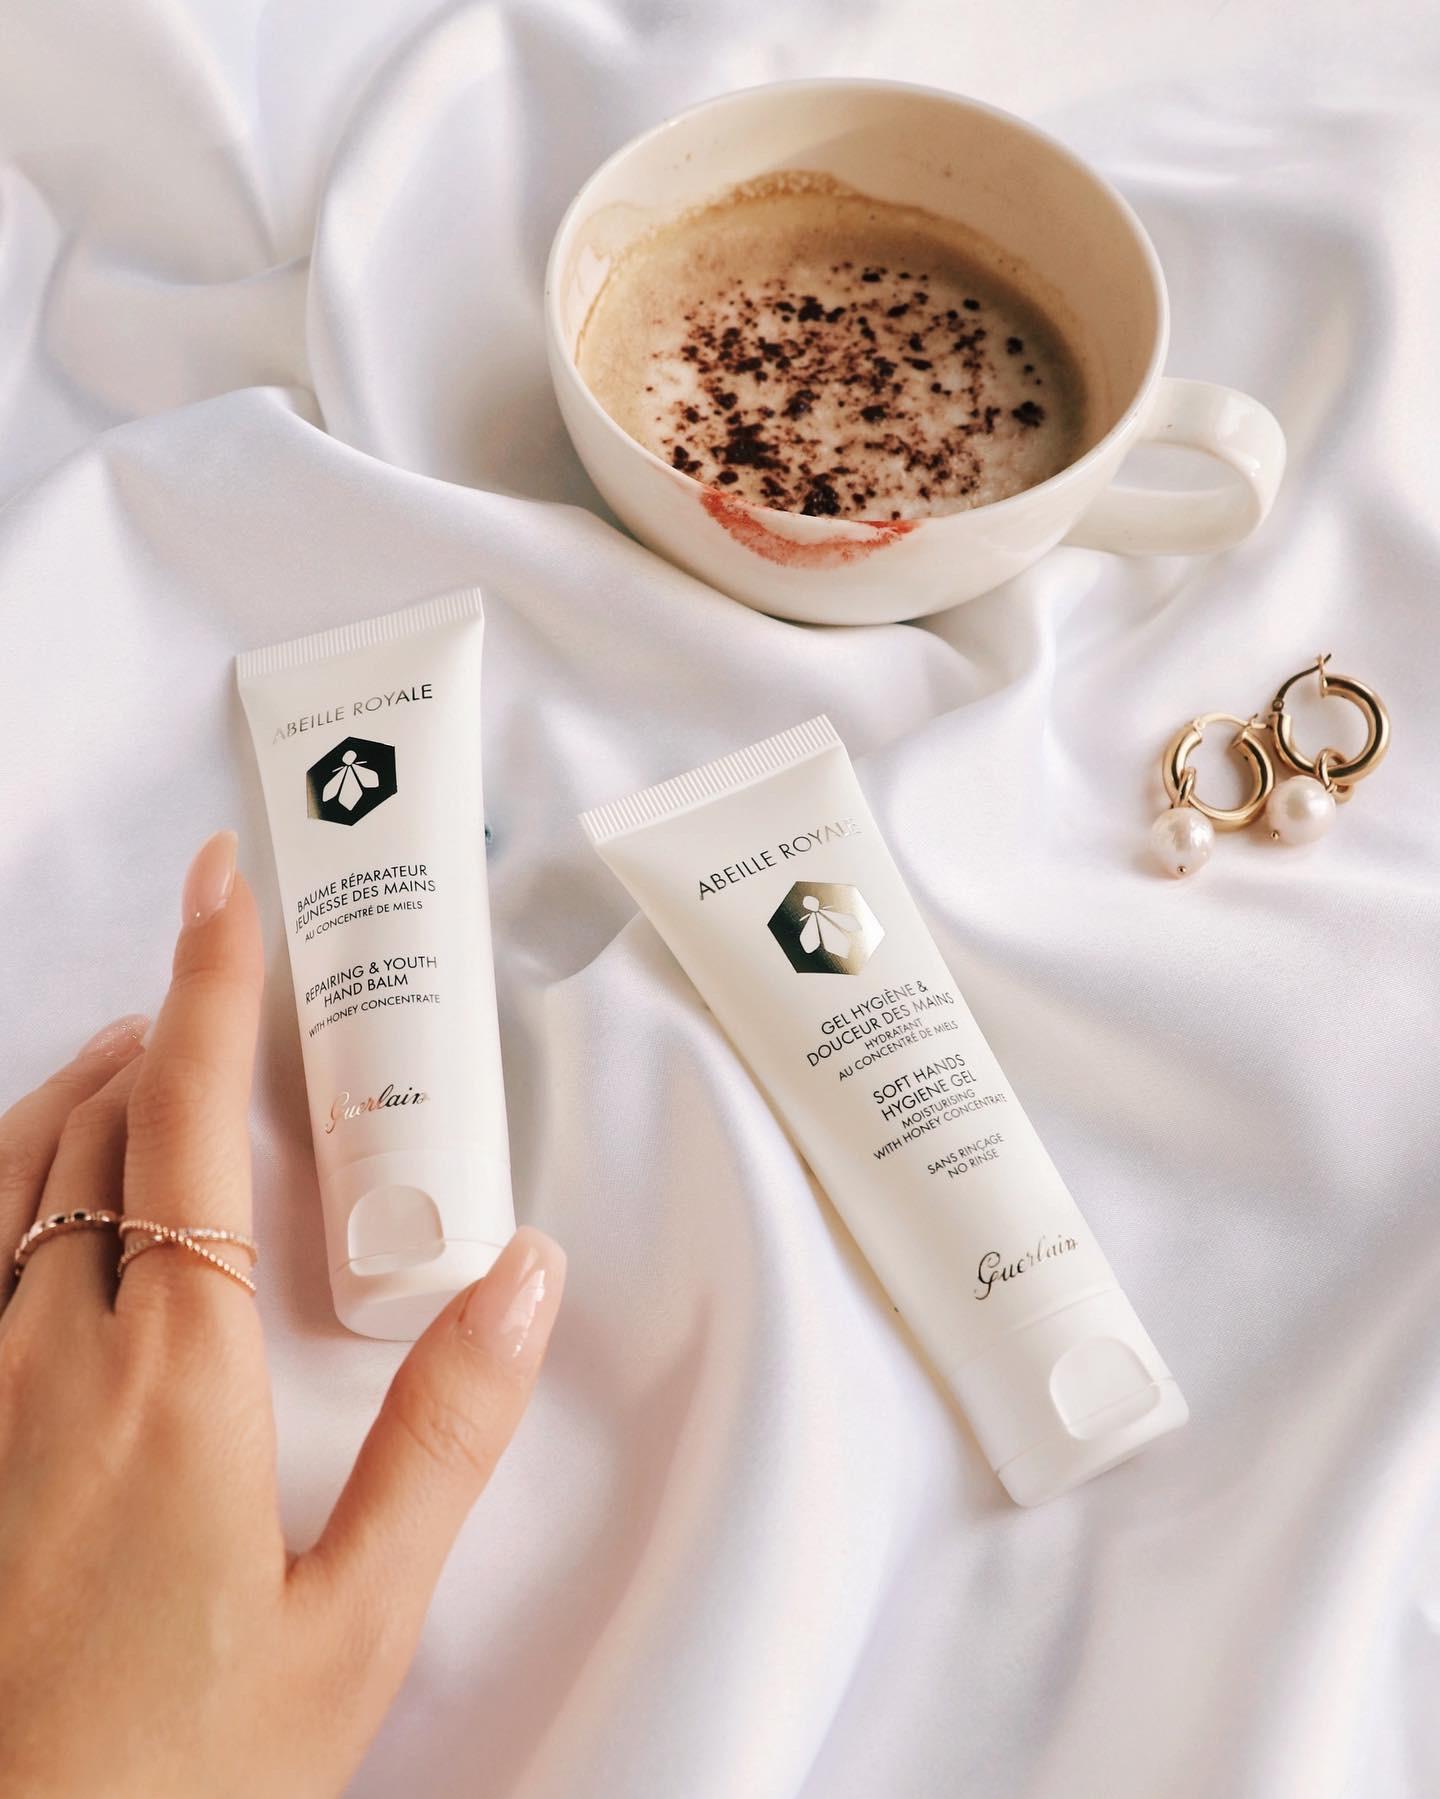 Guerlain Soft Hands Hygiene Gel Moisturising